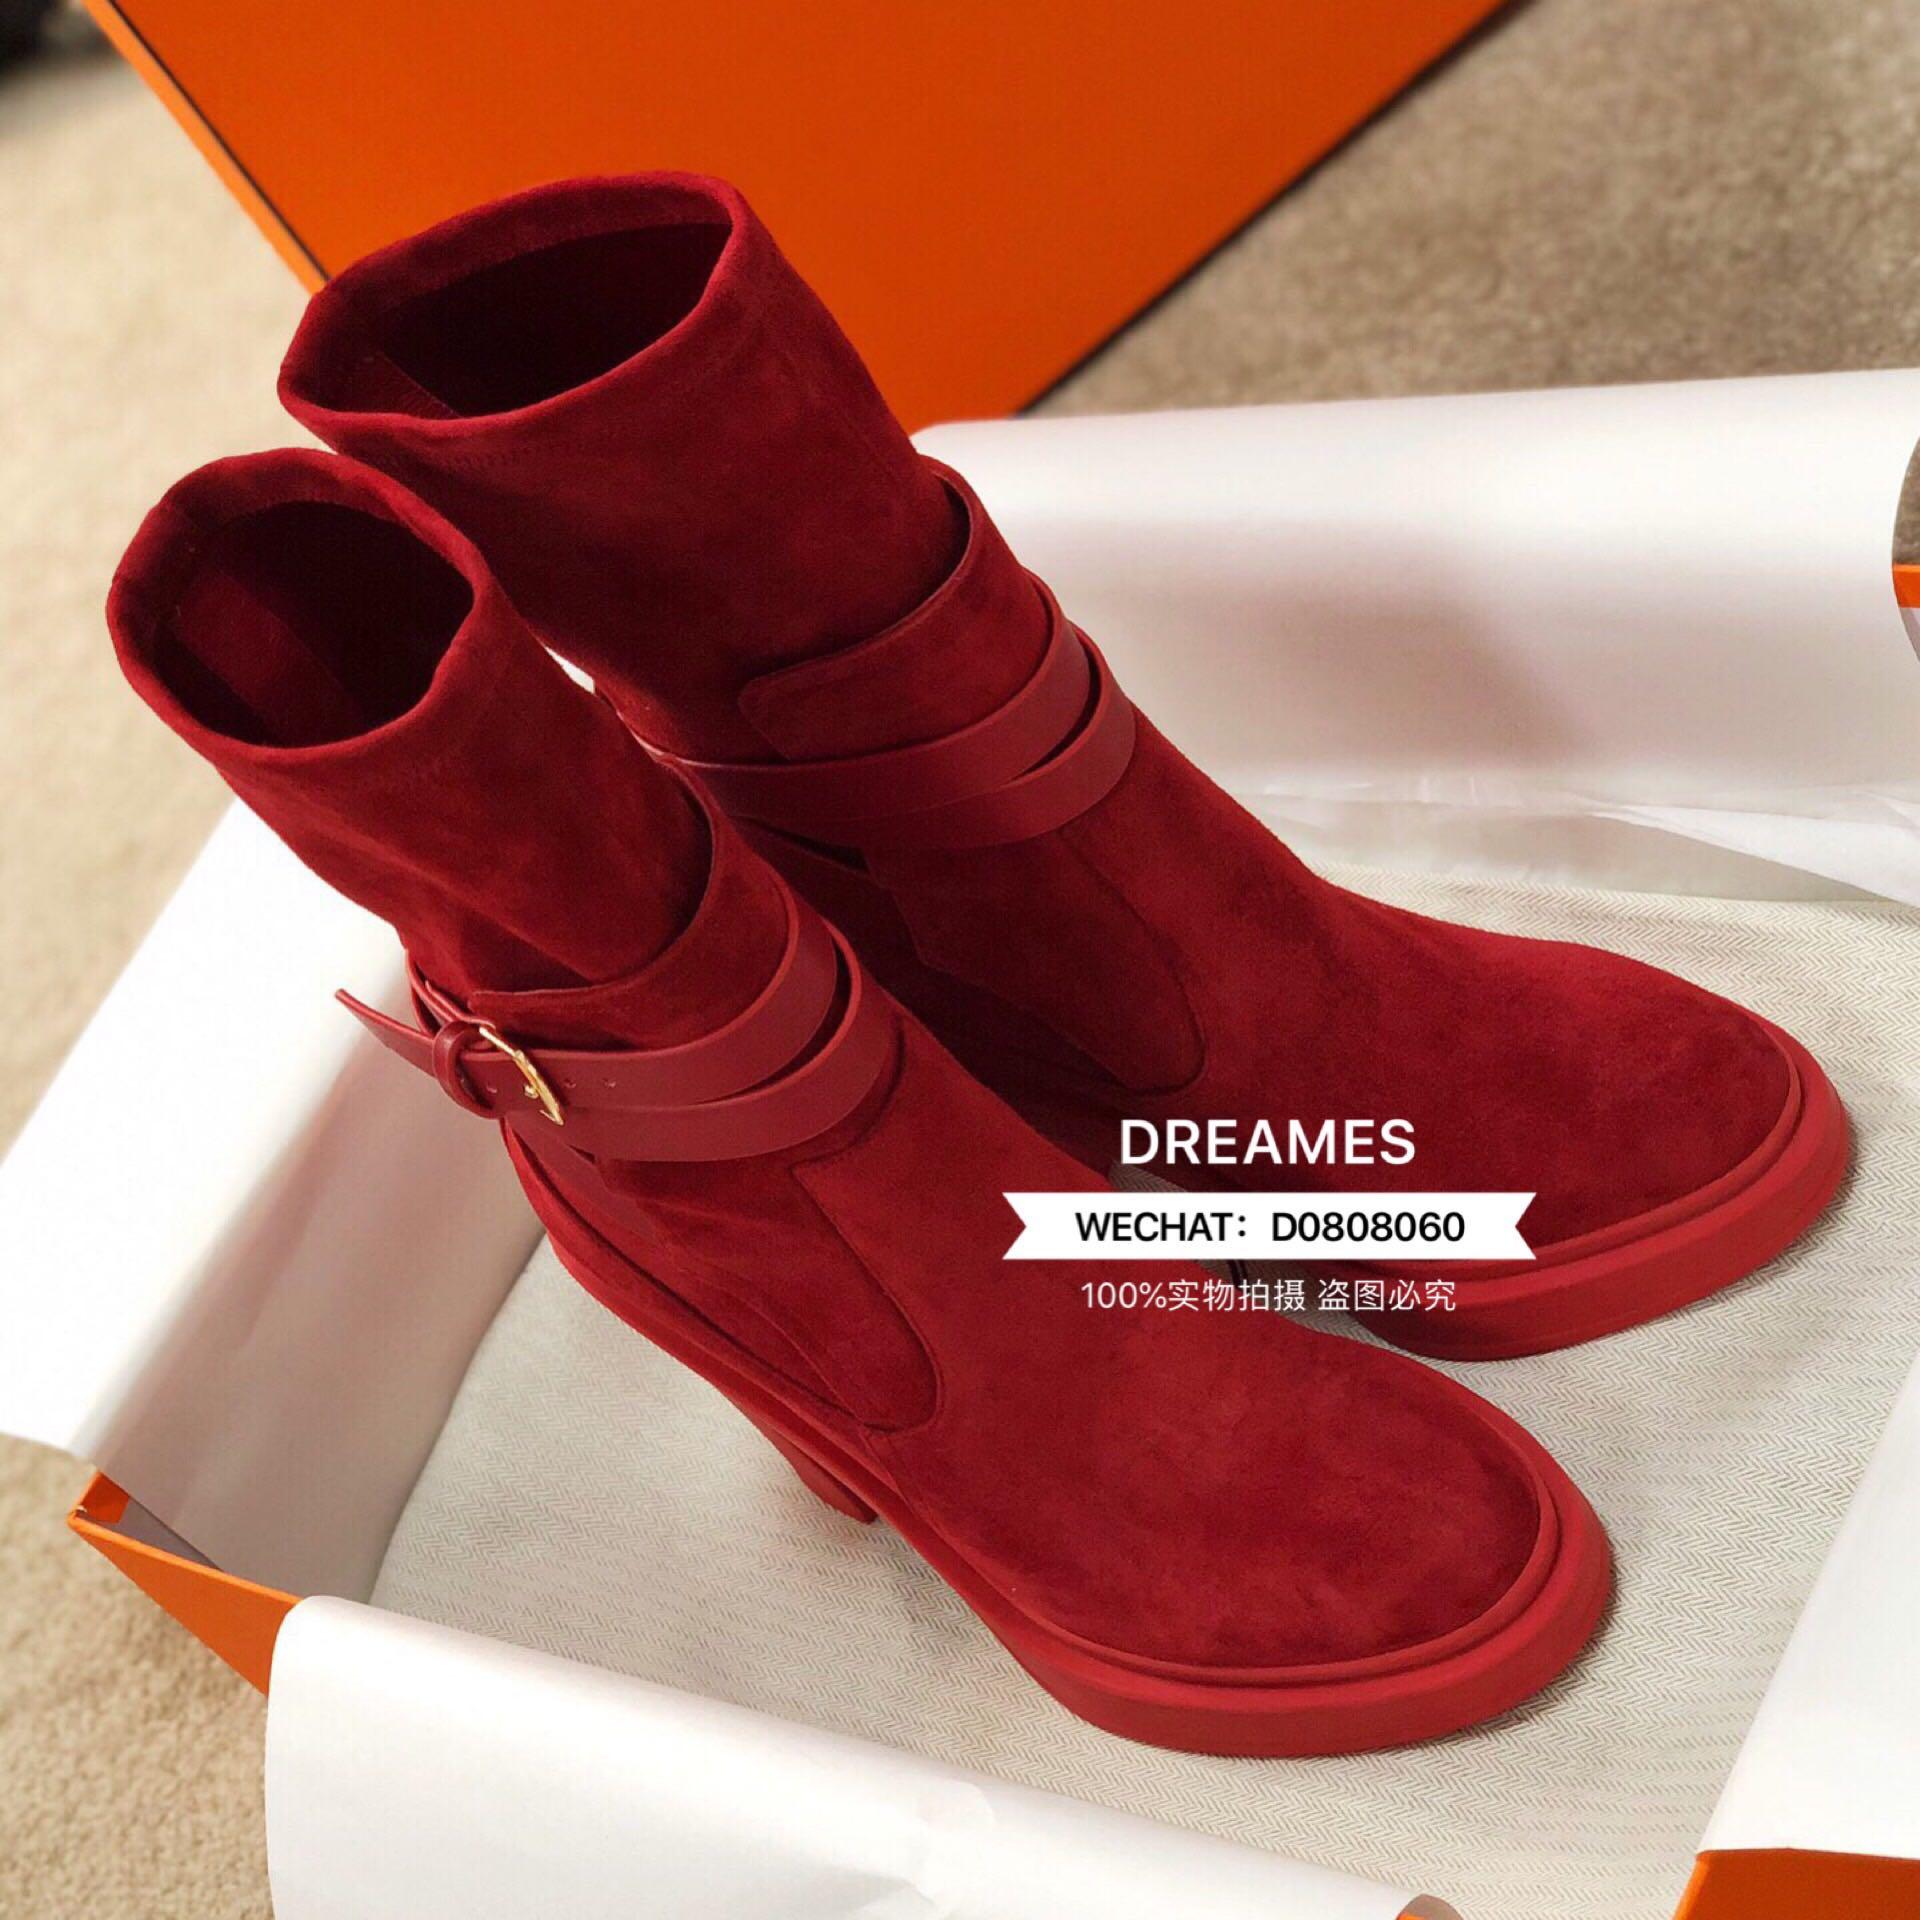 2019 новинка зимний осеннний матовая кожа толстая на высоком кабгалстук-бабочкае ботинки женщина локомотив ботинок пряжка круглый европейские станции красный ботинок 608716606960